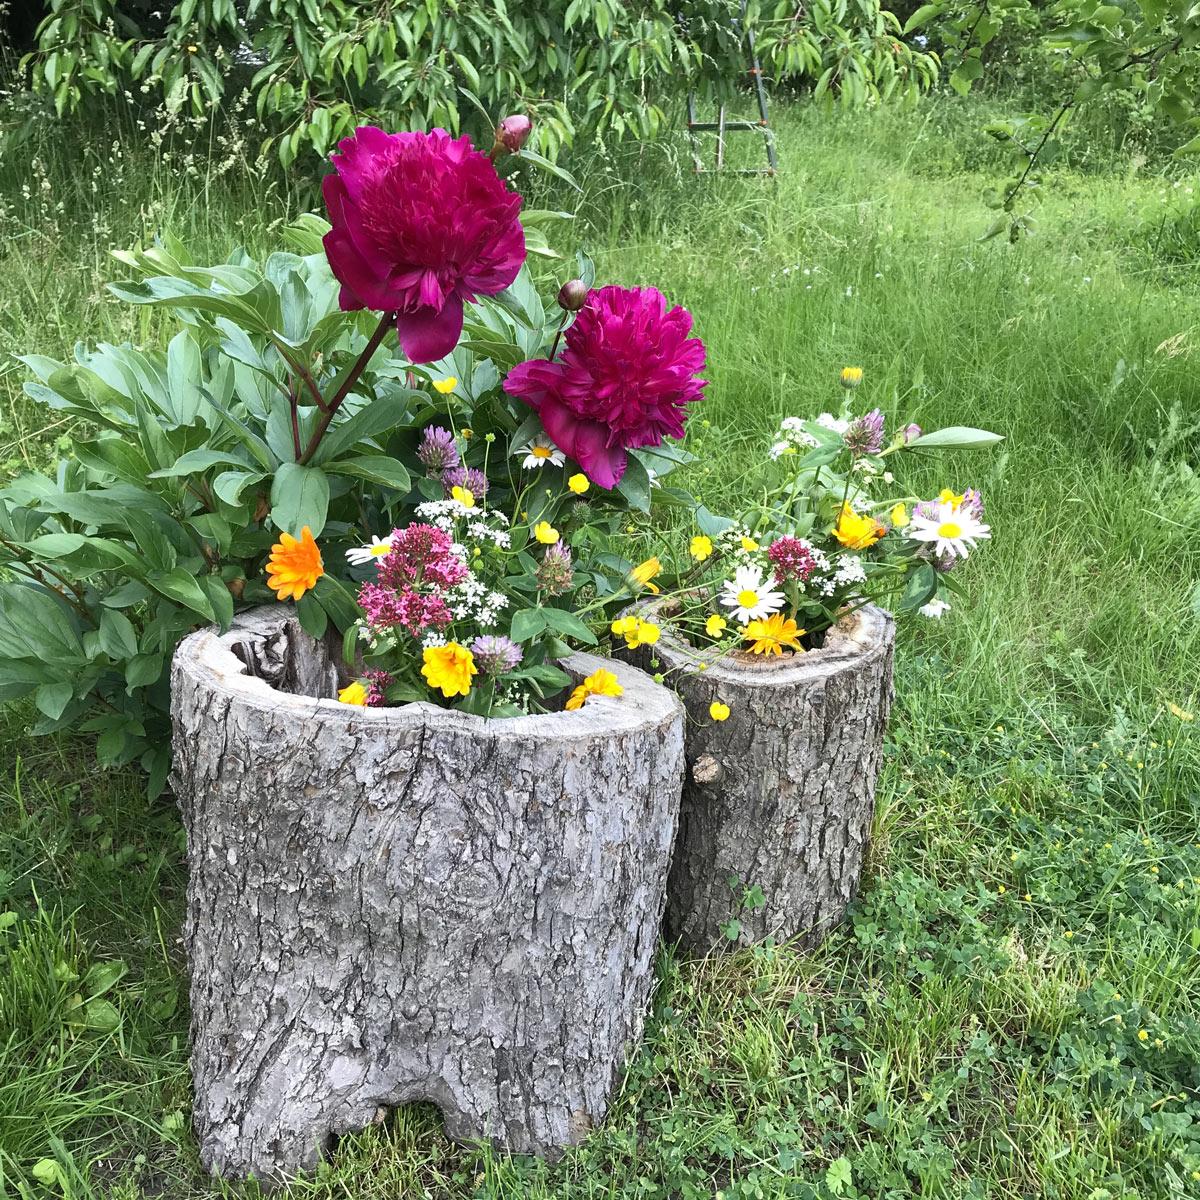 vaso di fiori creativo in giardino